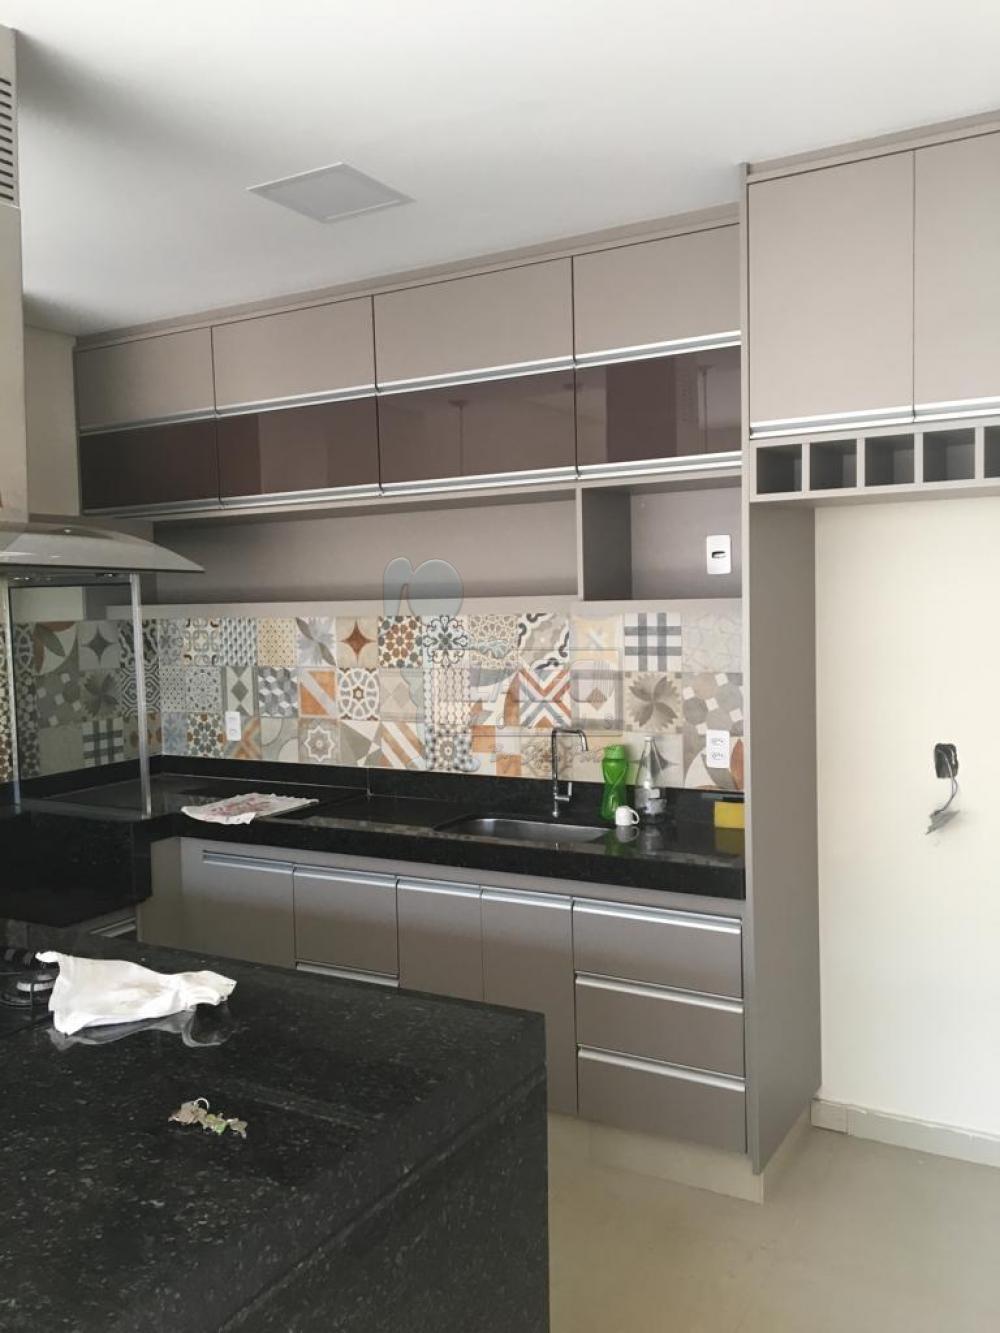 Alugar Casas / Condomínio em Ribeirão Preto apenas R$ 2.500,00 - Foto 15